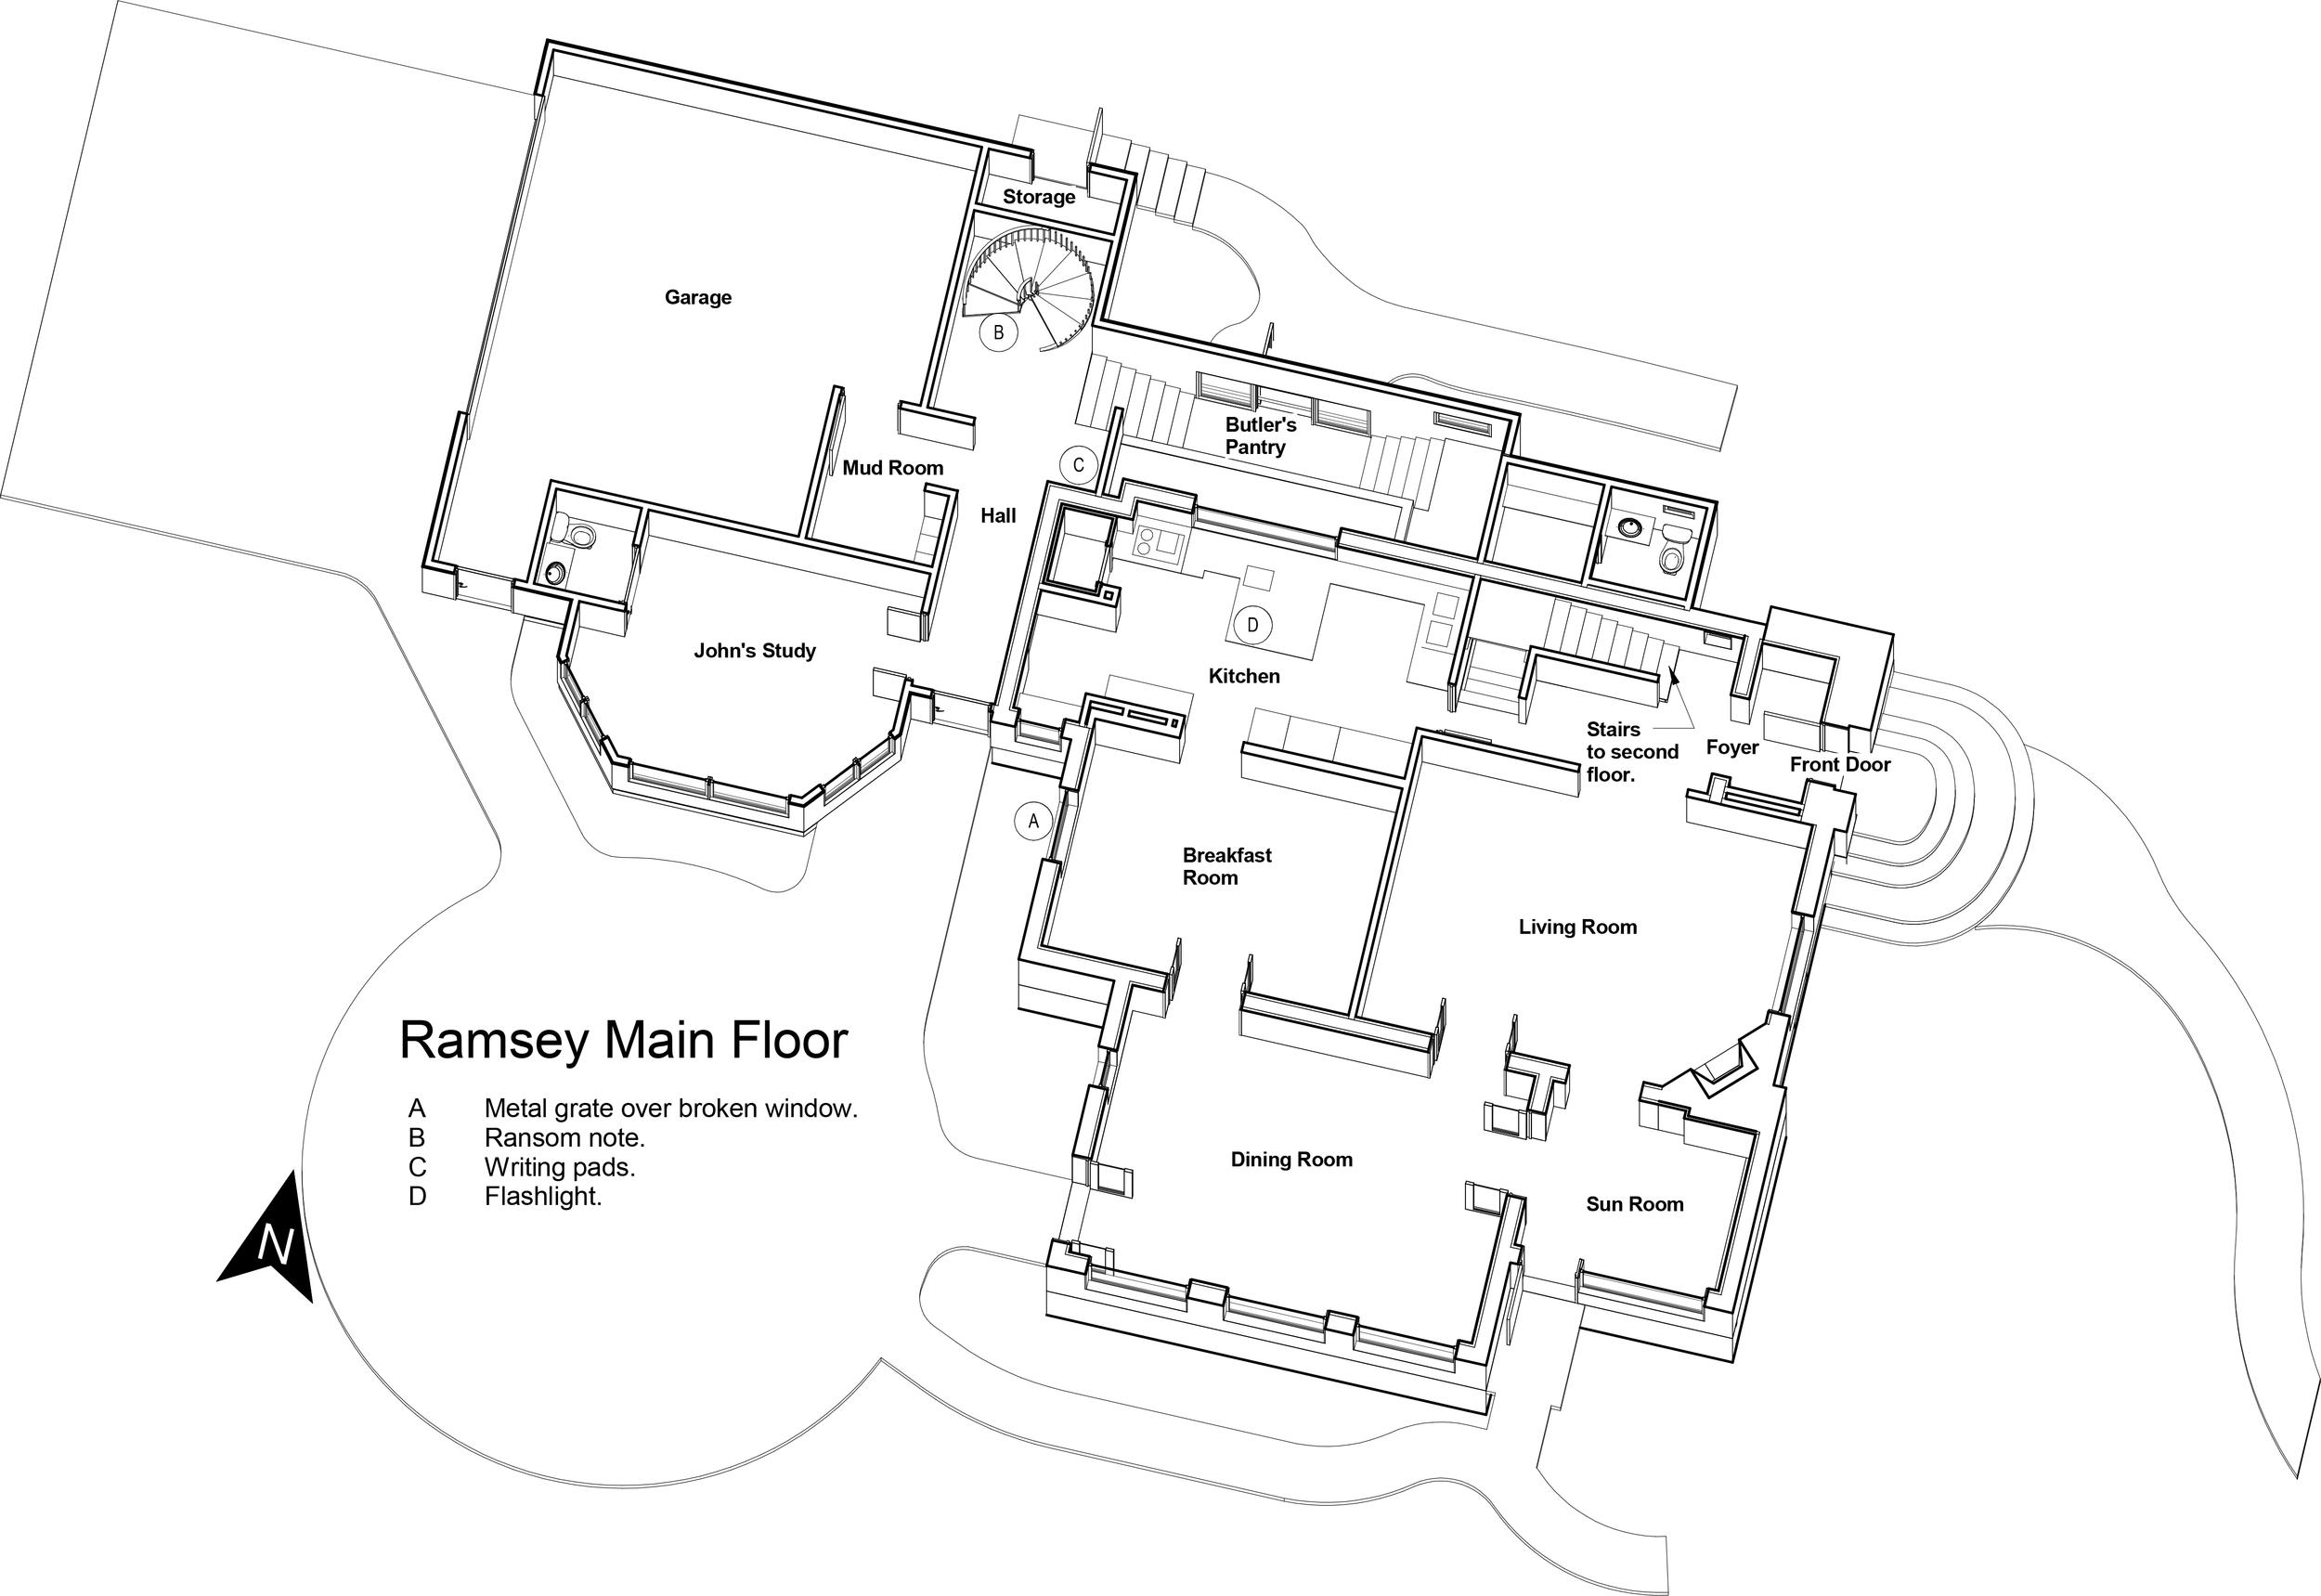 Ramsey Main Floor